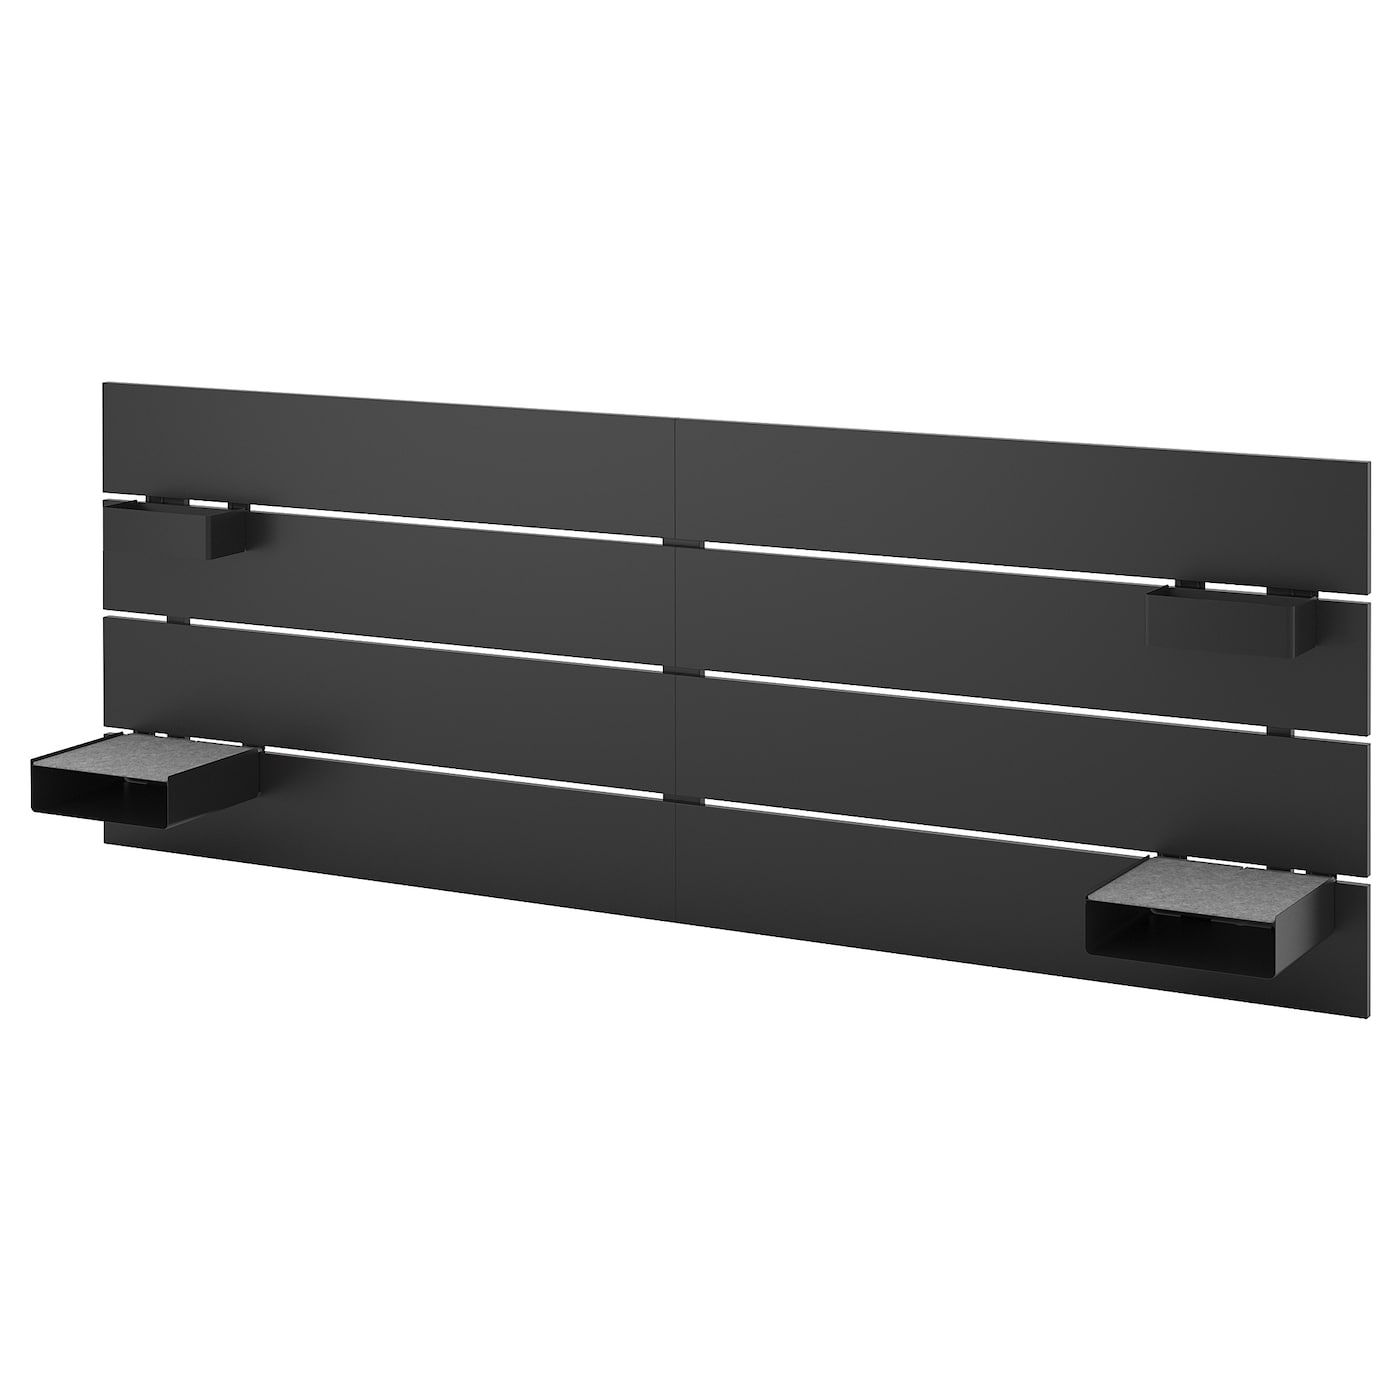 Nordli Tete De Lit Anthracite Ikea Ikea Nordli Ikea Headboard Headboard Storage